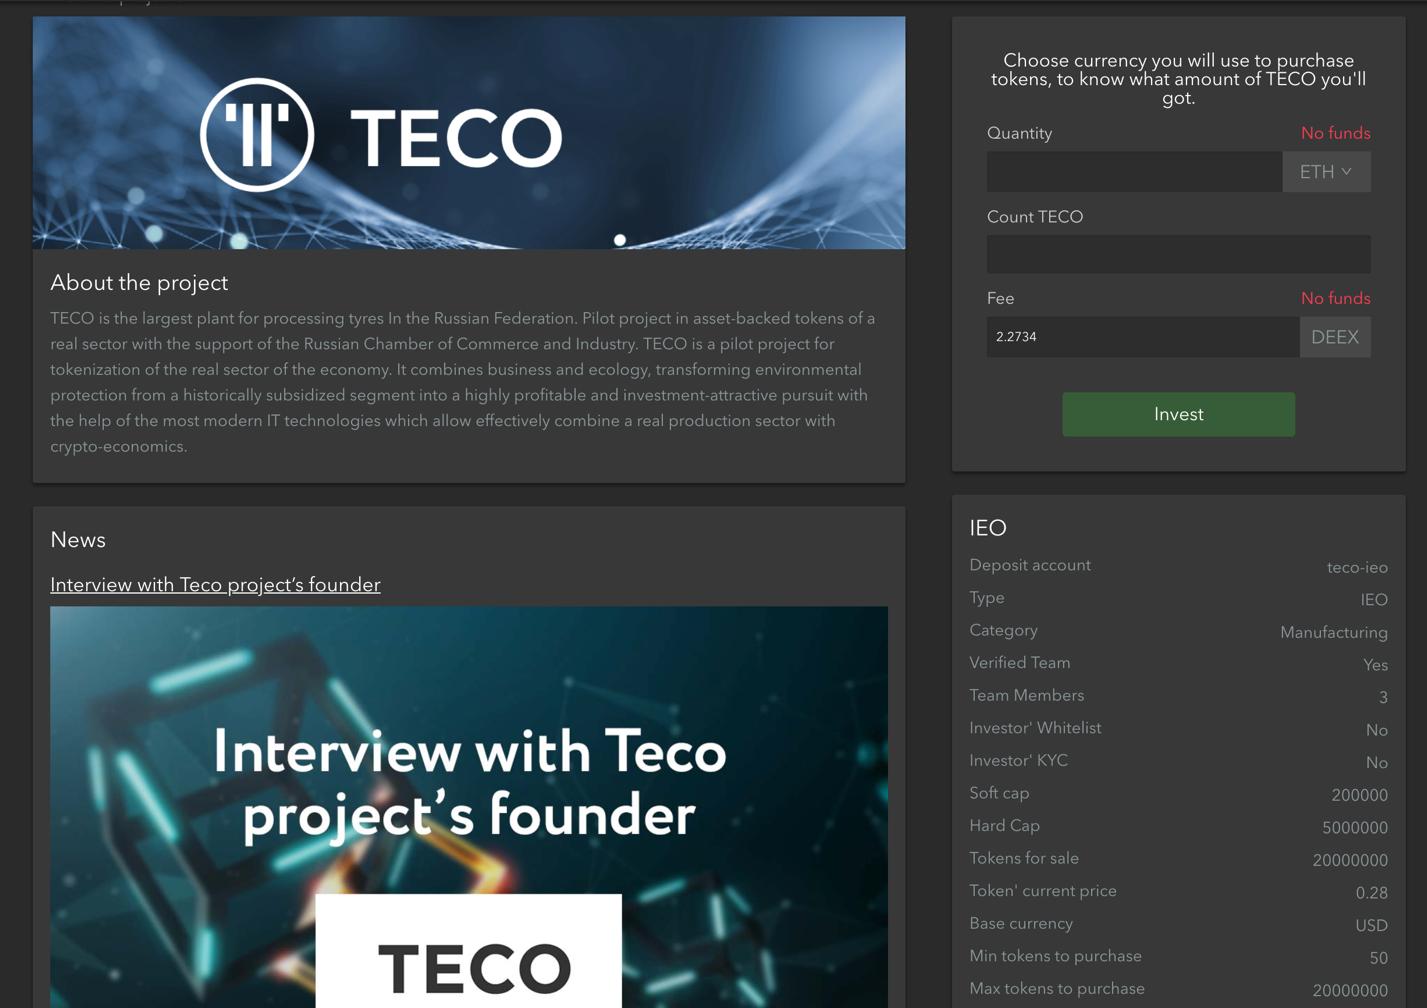 Projenin ana kampanya sayfası, teknik incelemeye, resmi web sitesine ve TECO'nun sosyal kaynaklarına bağlantılar dahil tüm gerekli bilgileri içermektedir